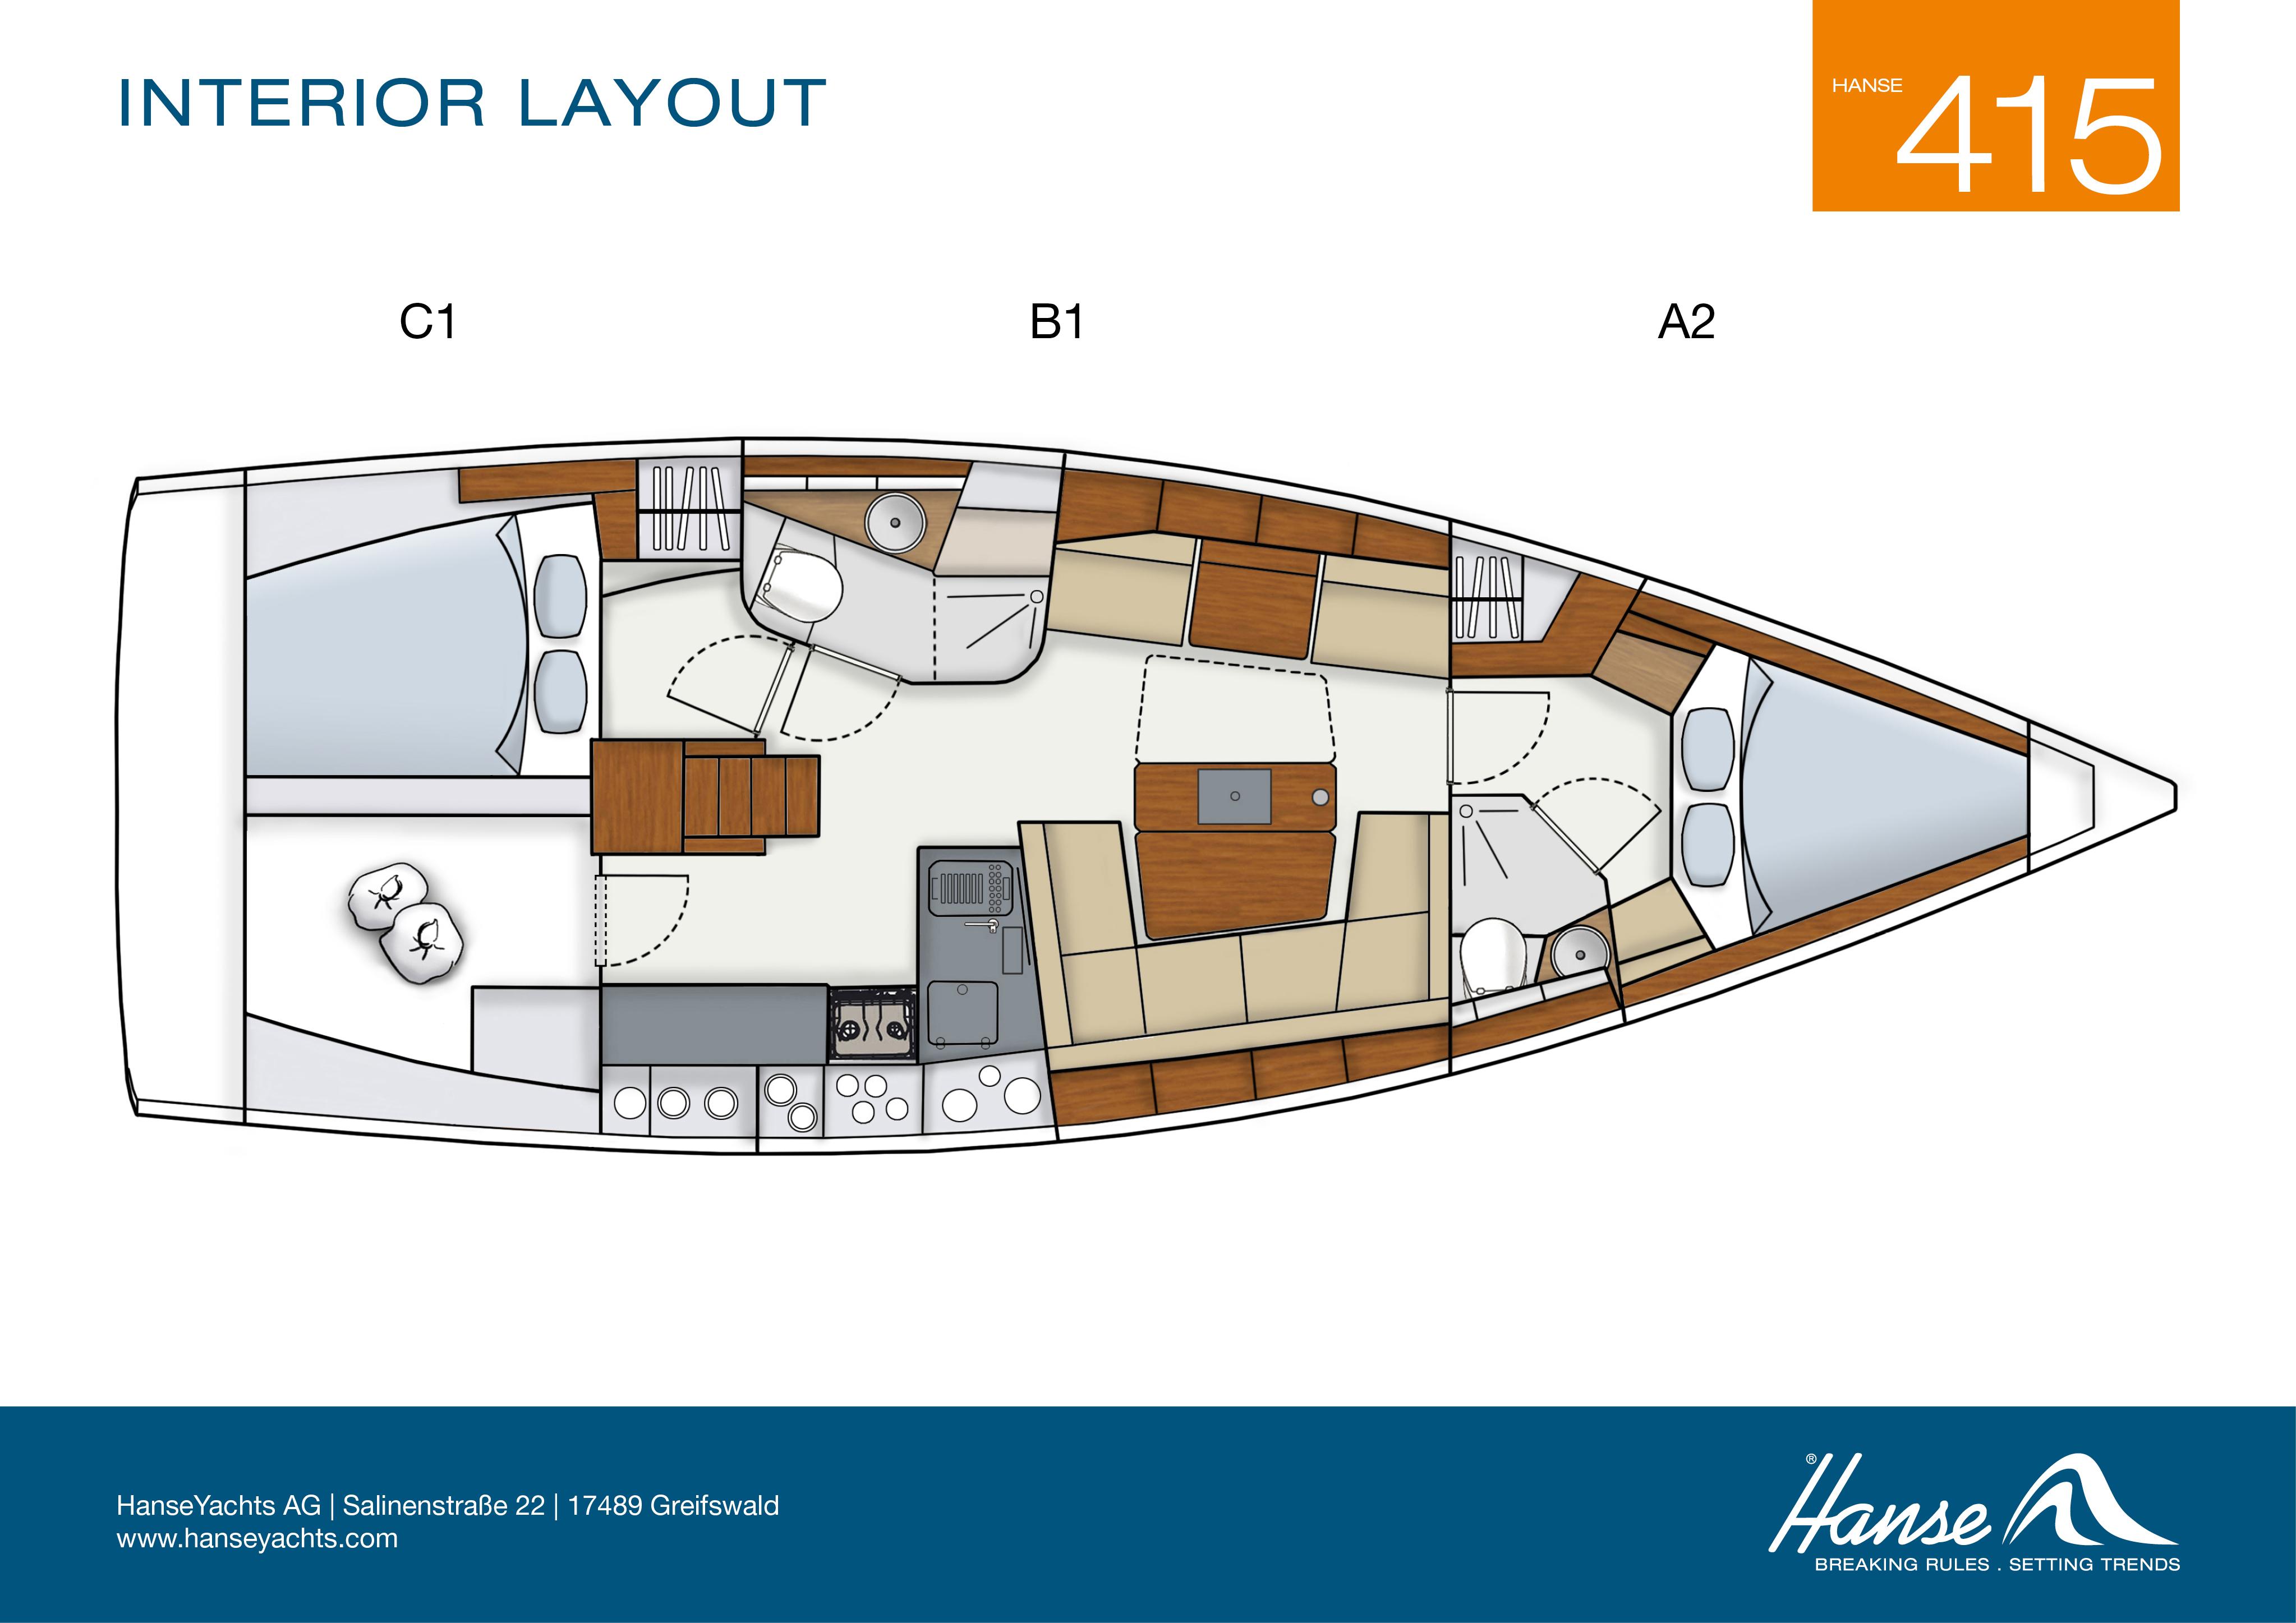 Hanse  - layout-hanse-415-268367.jpg